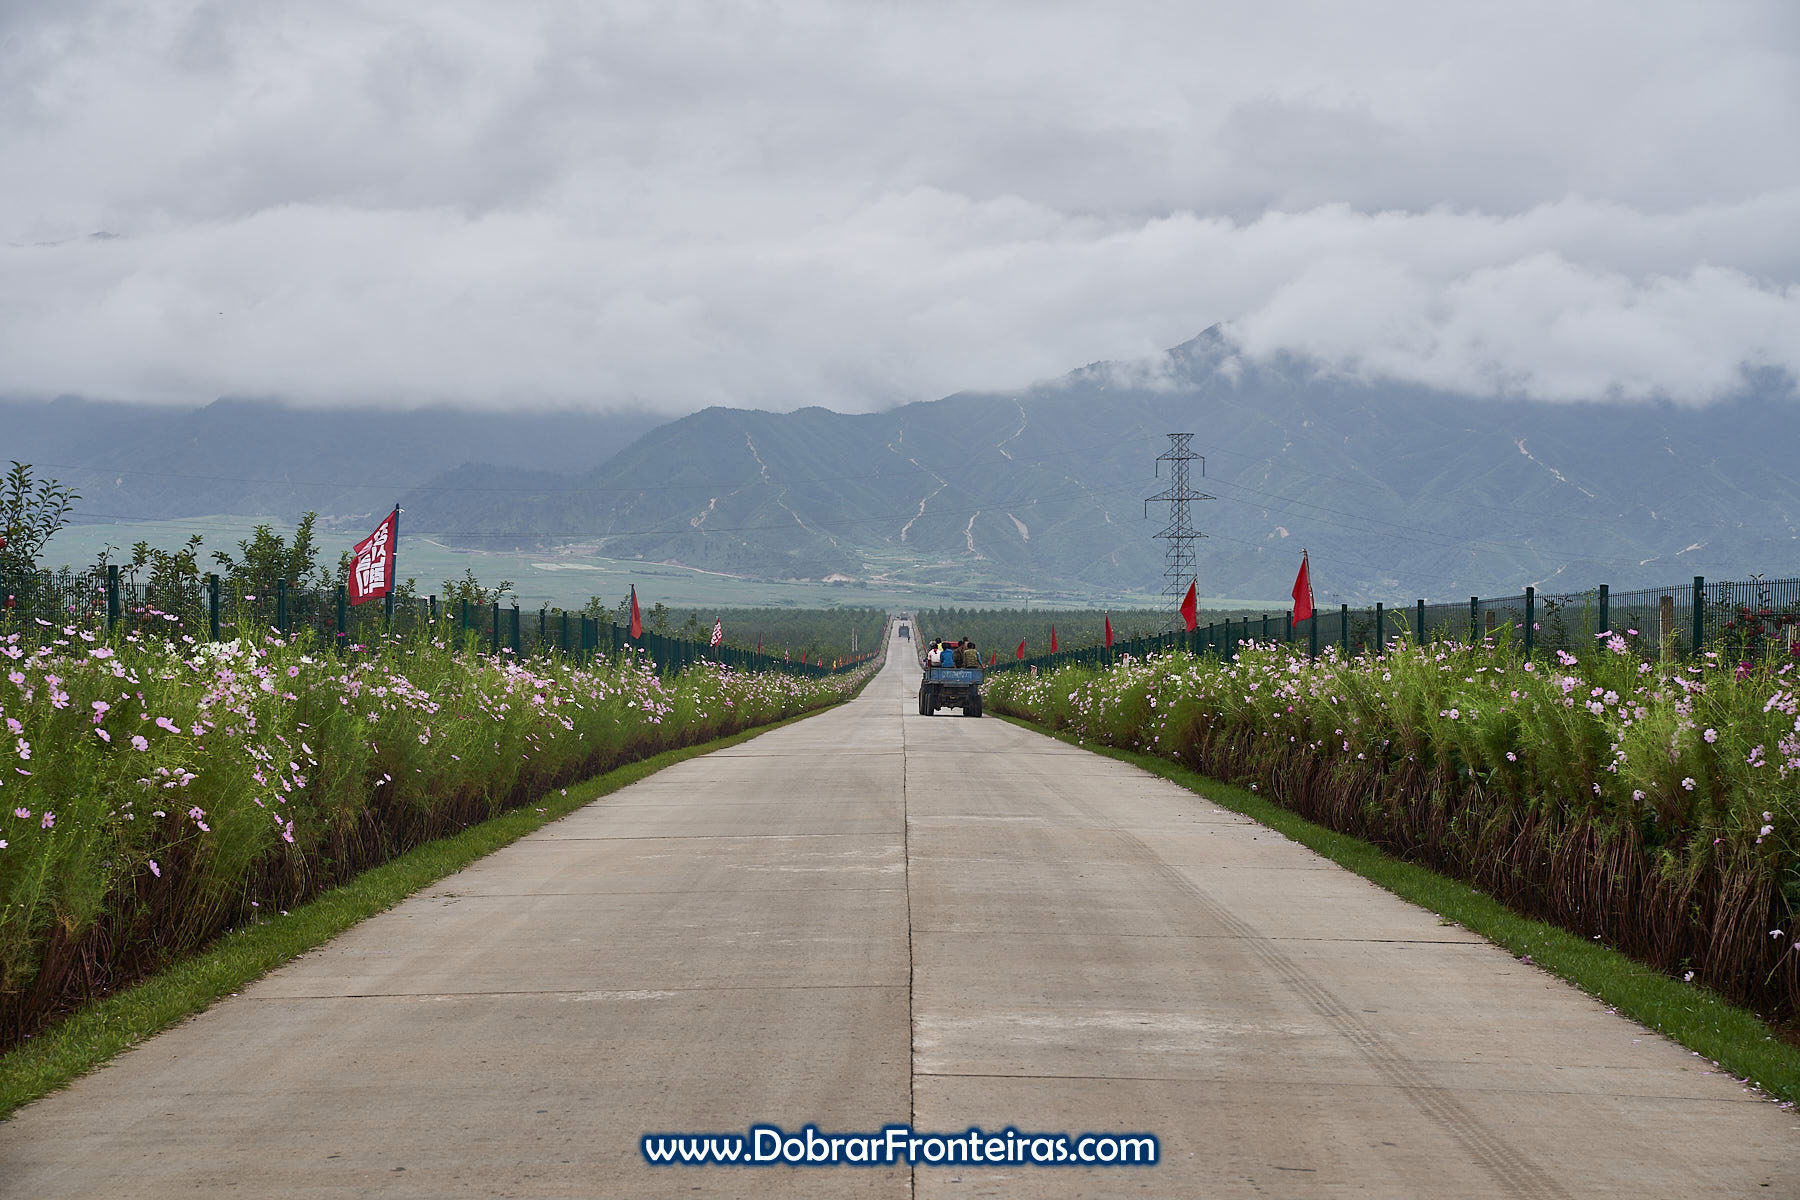 Estrada com flores pelo meio dos pomares com bandeiras vermelhas e montanhas ao fundo